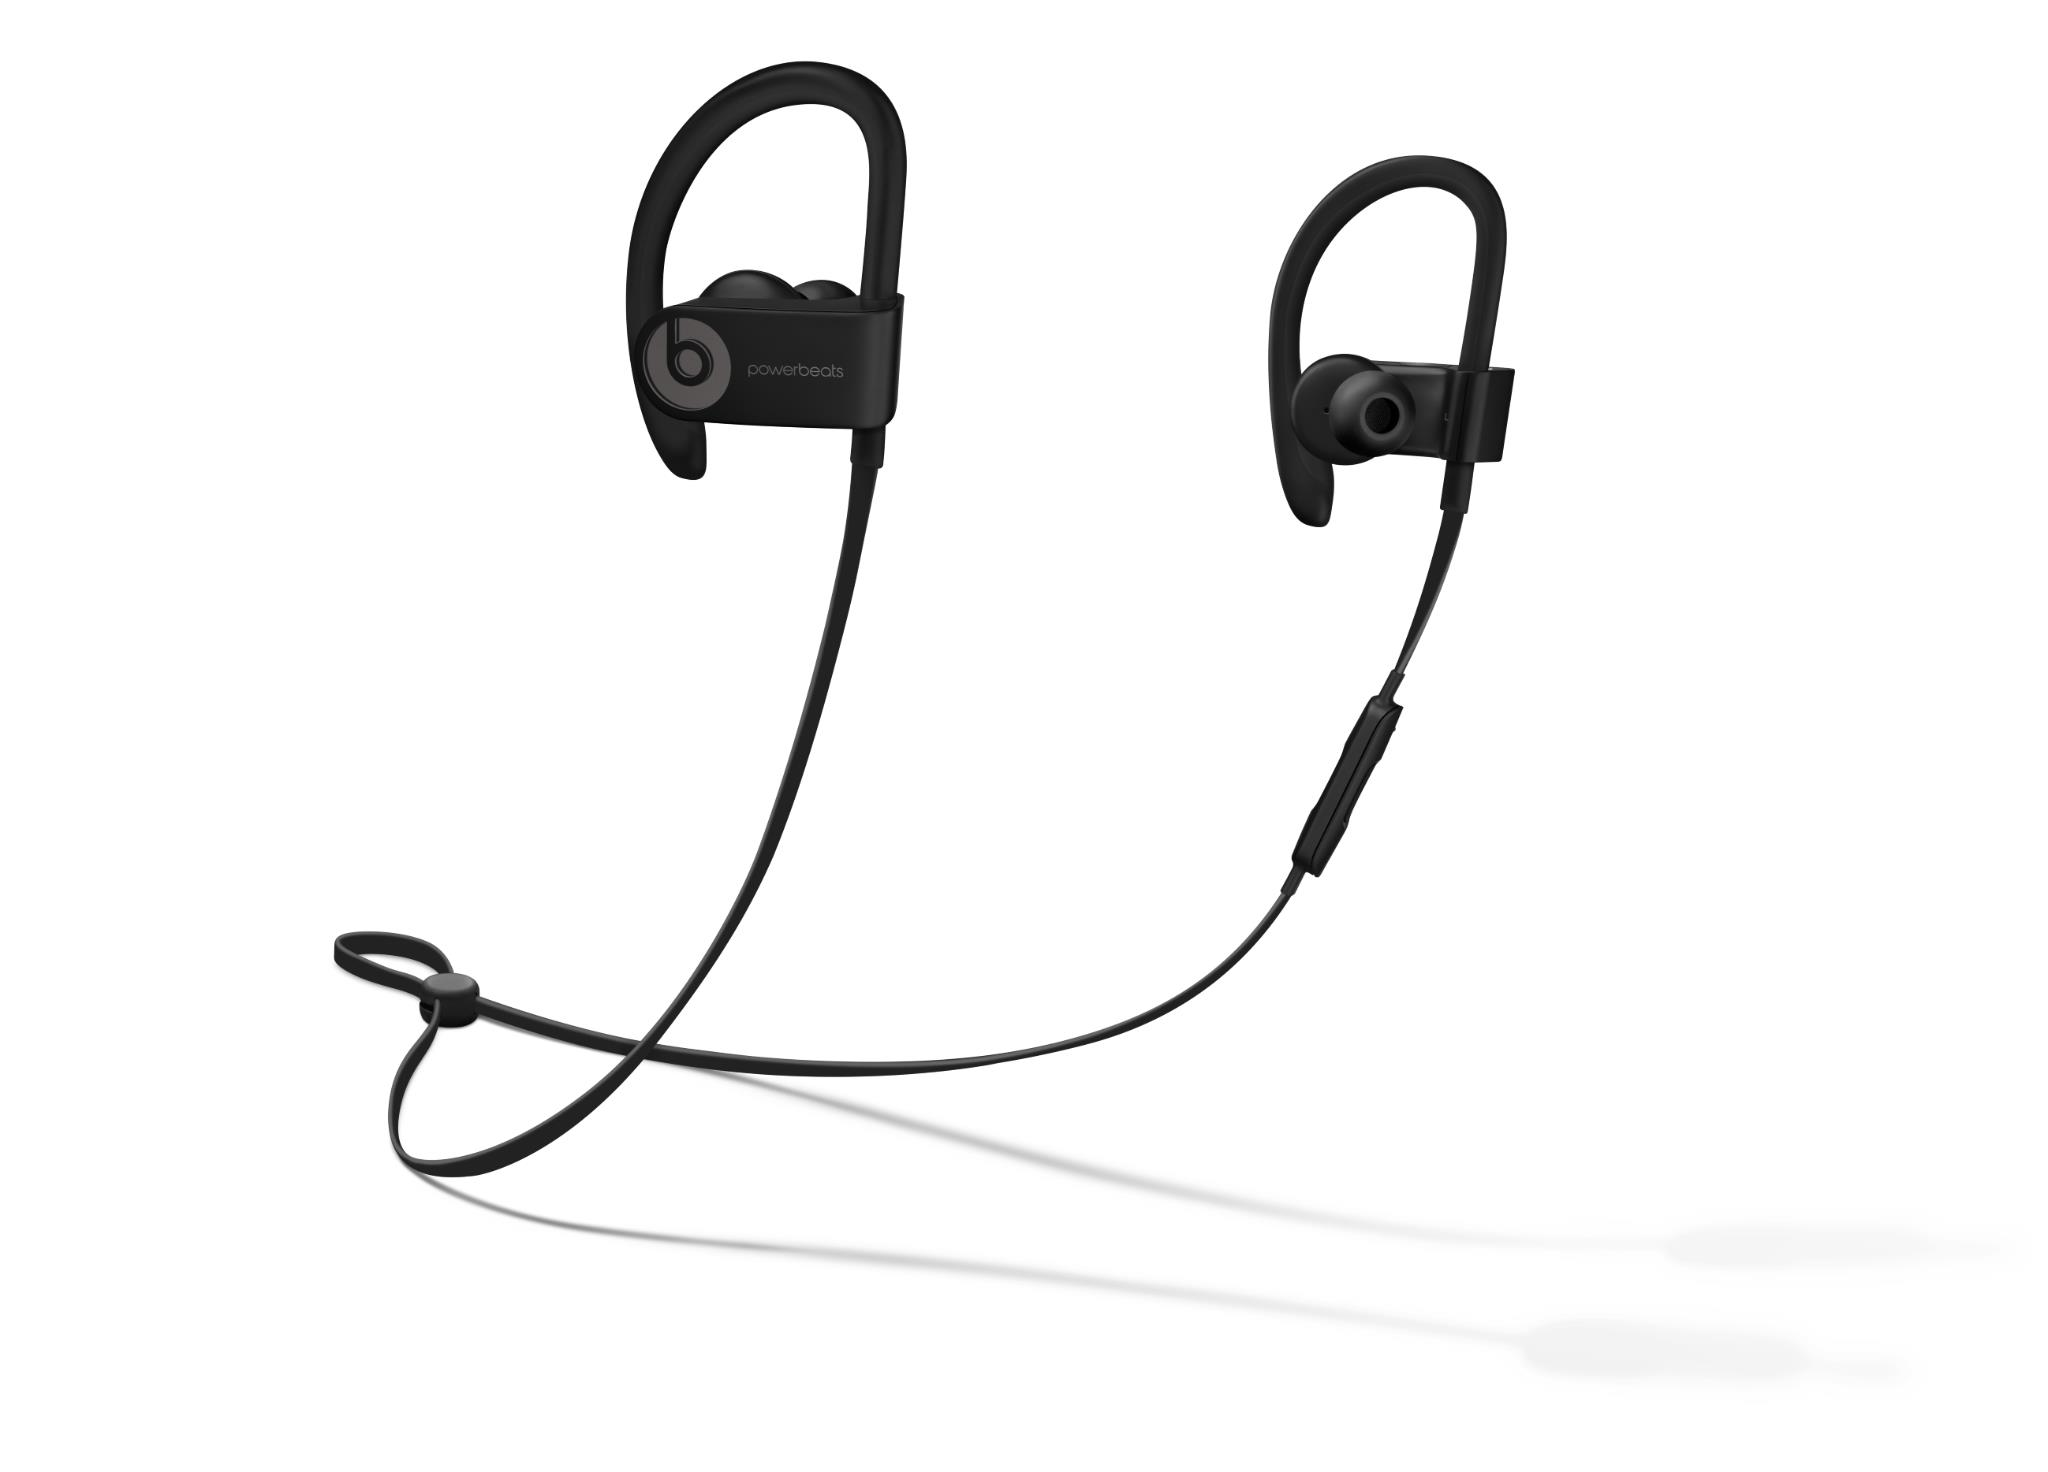 Jb Education Bo Beoplay H3 In Ear Headphones Champagne Bang Ampamp Olufsen Lightweight Earphone Black Beats Powerbeats 3 Wireless Earphones